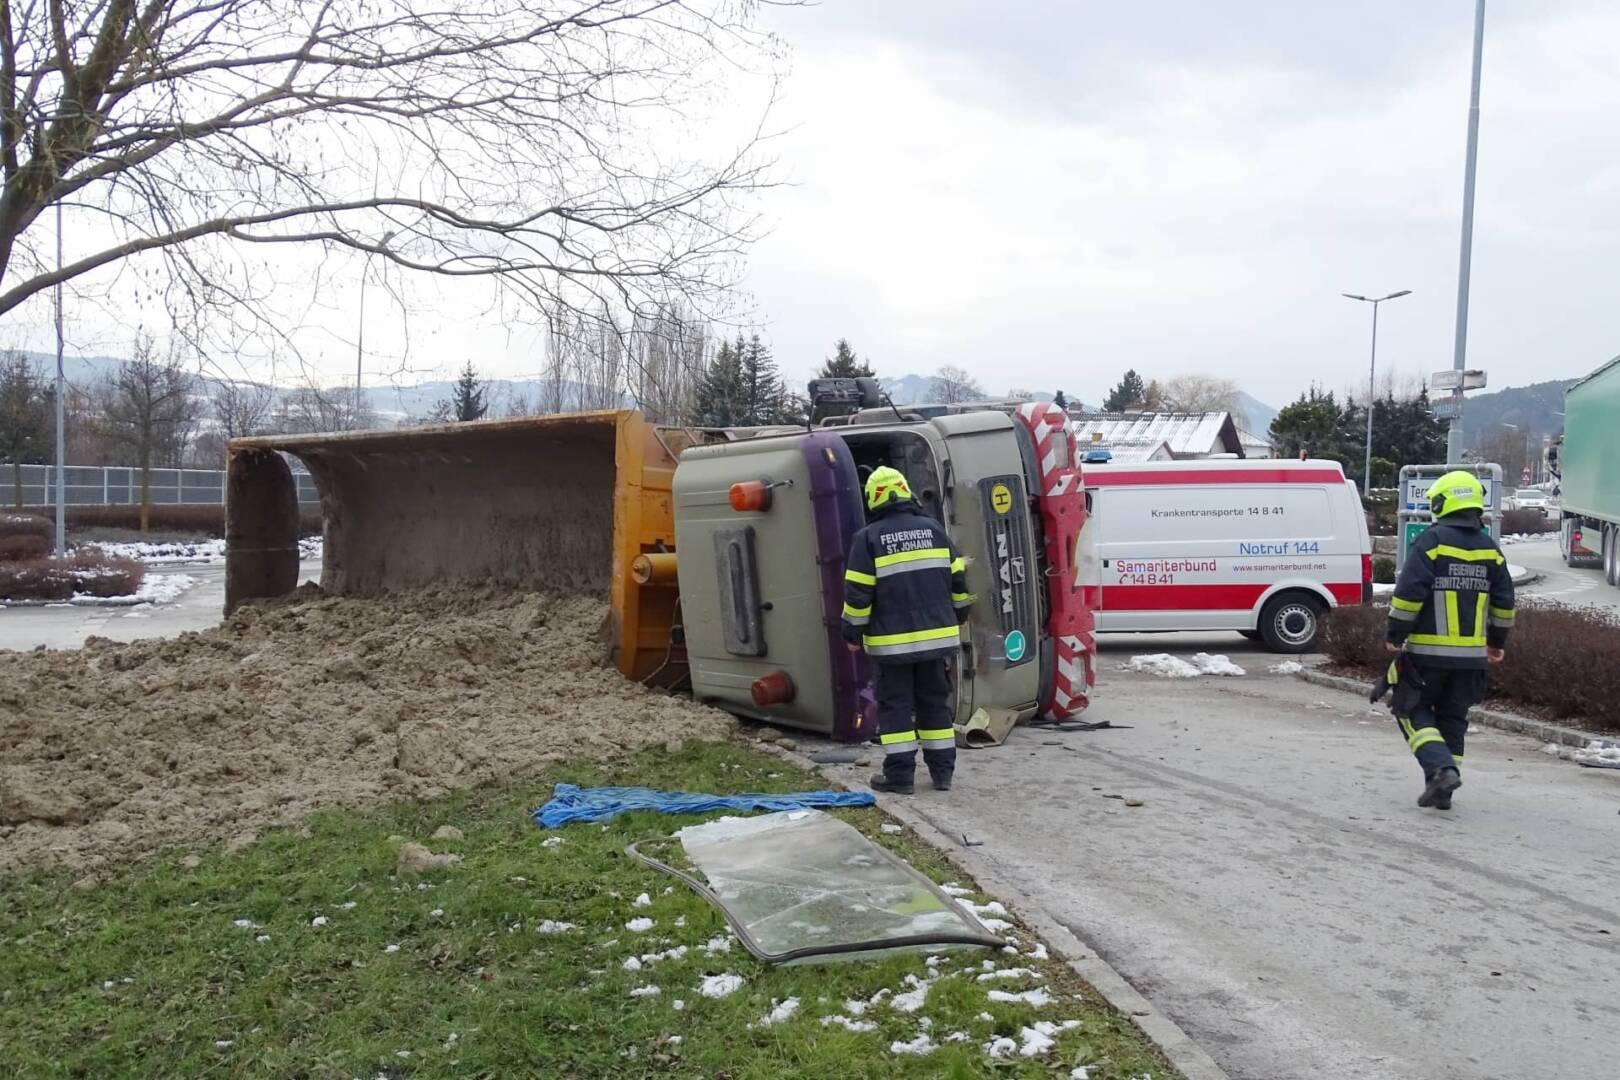 LKW Unfall in Pottschach